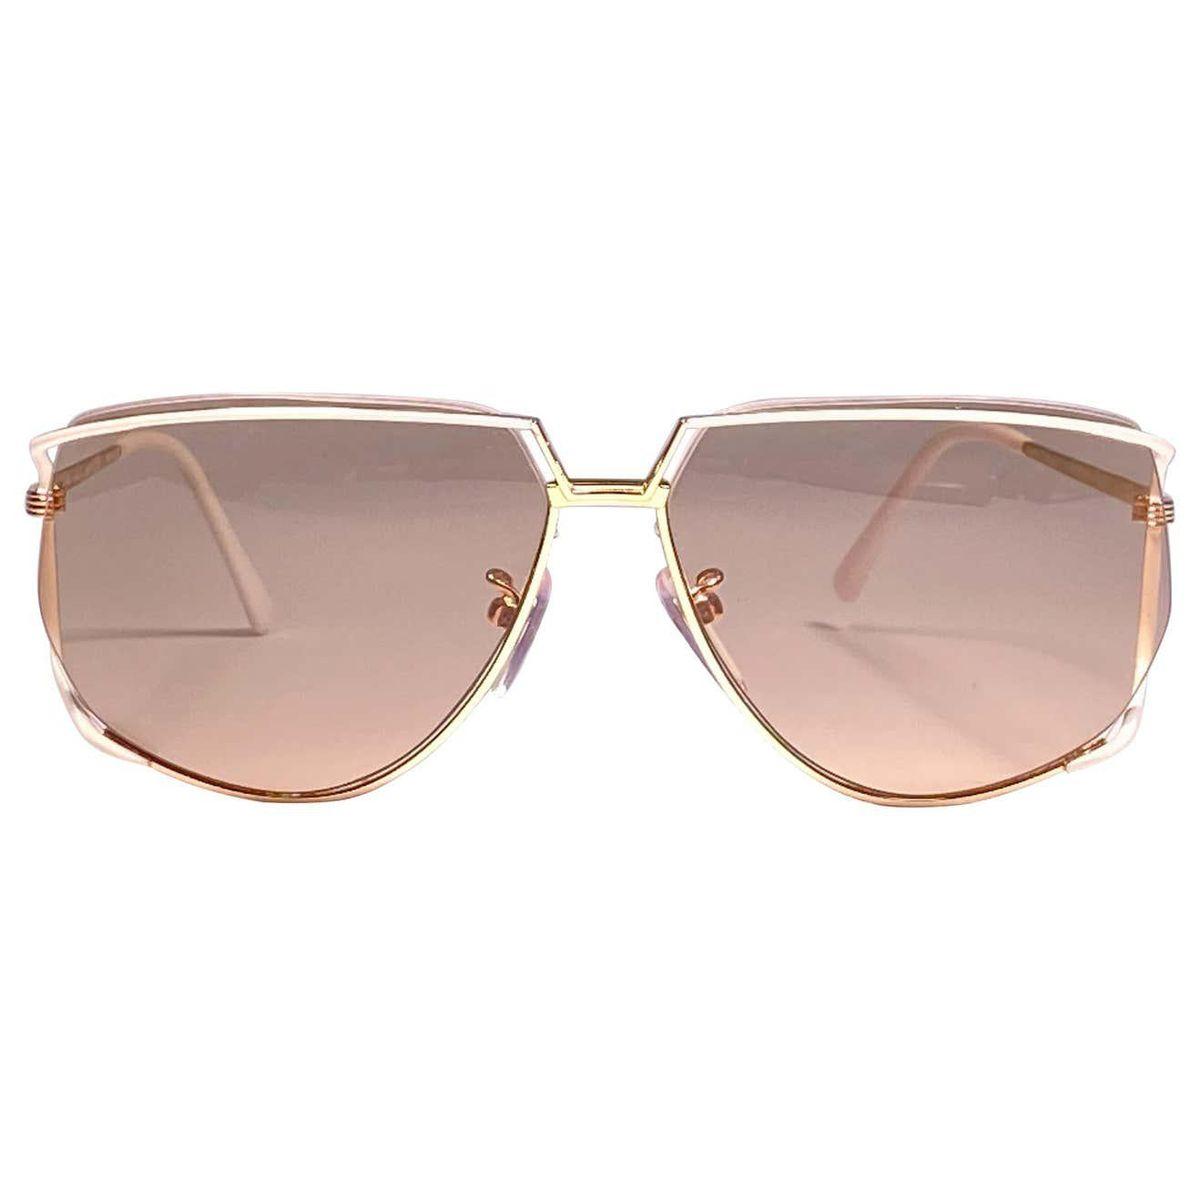 tura 425 ultra rare 1970s oversized gold and white light lenses sunglasses